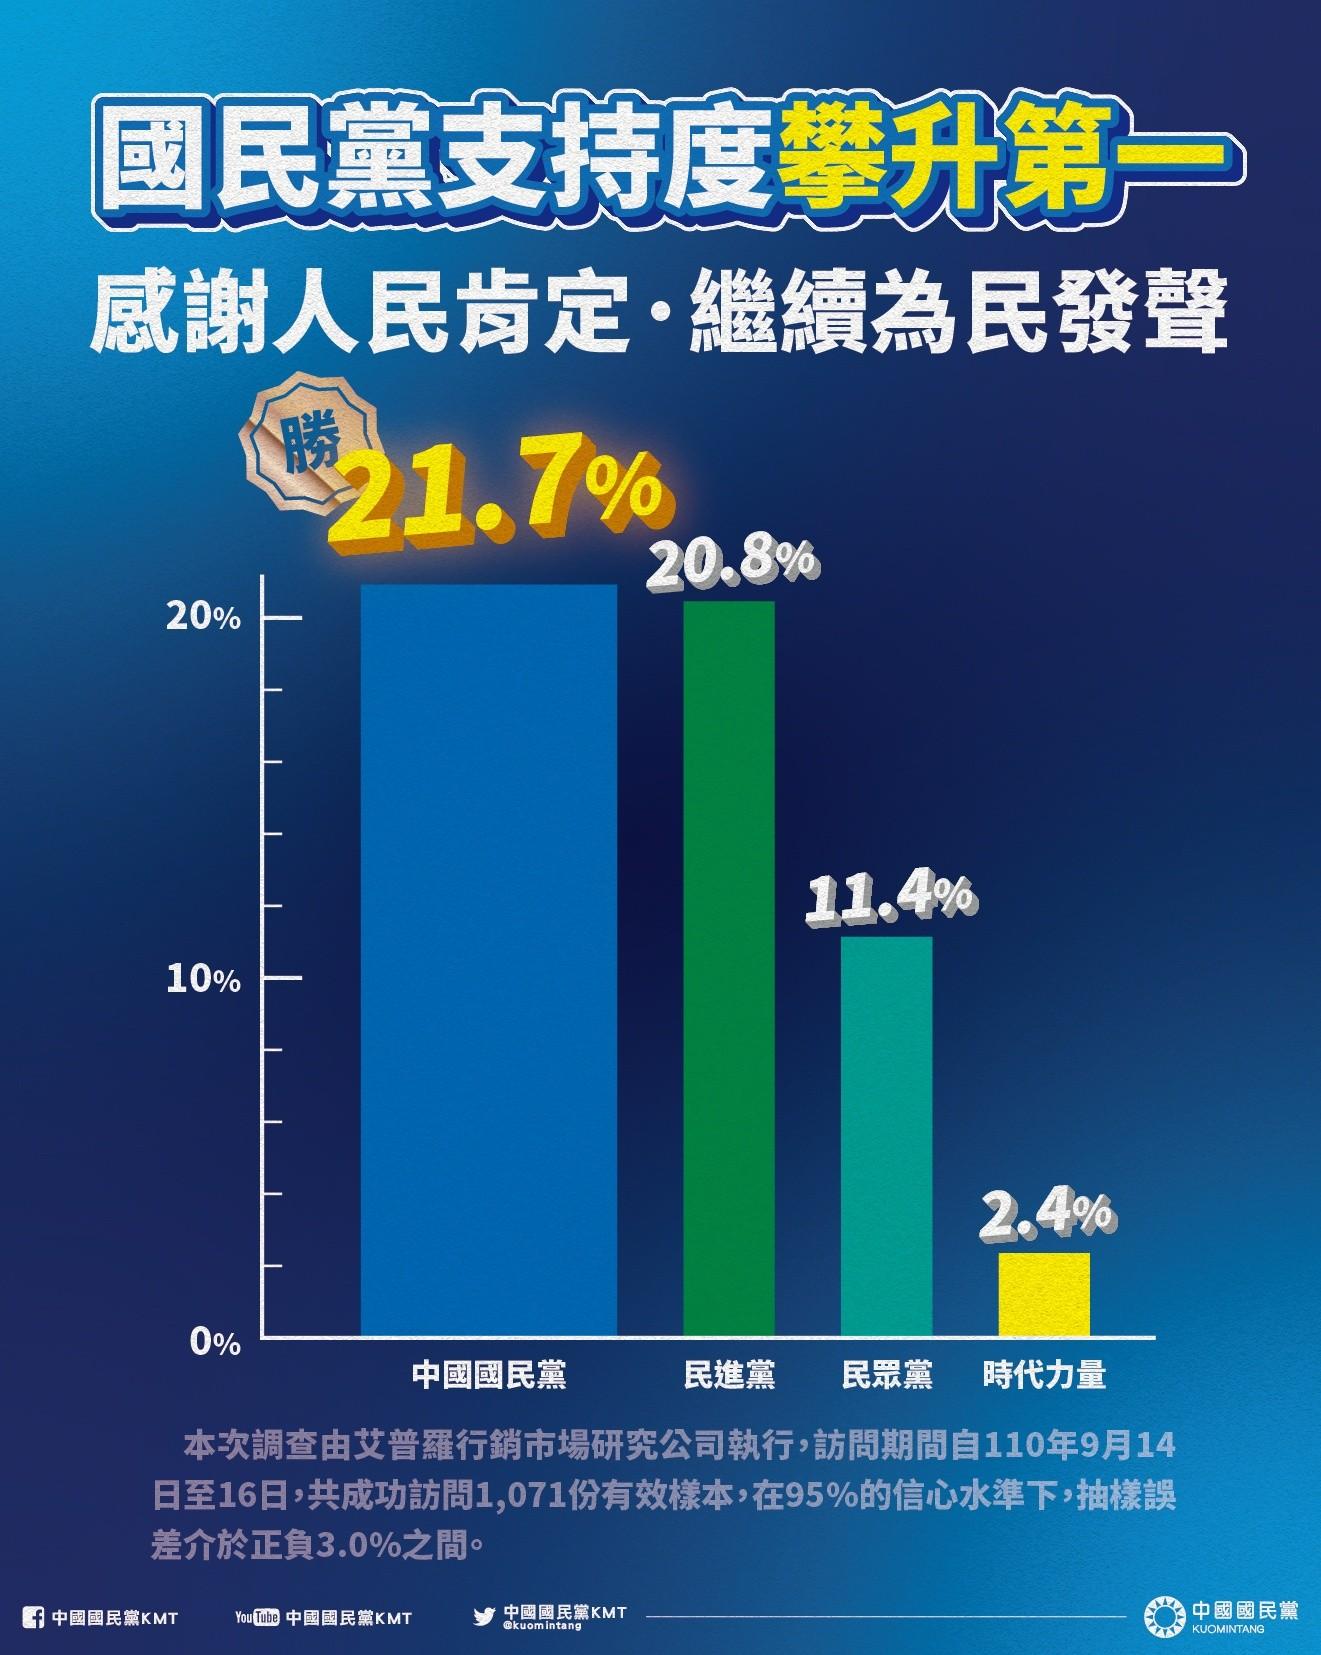 [新聞] 國民黨最新民調奪第一 政黨支持度21.7%